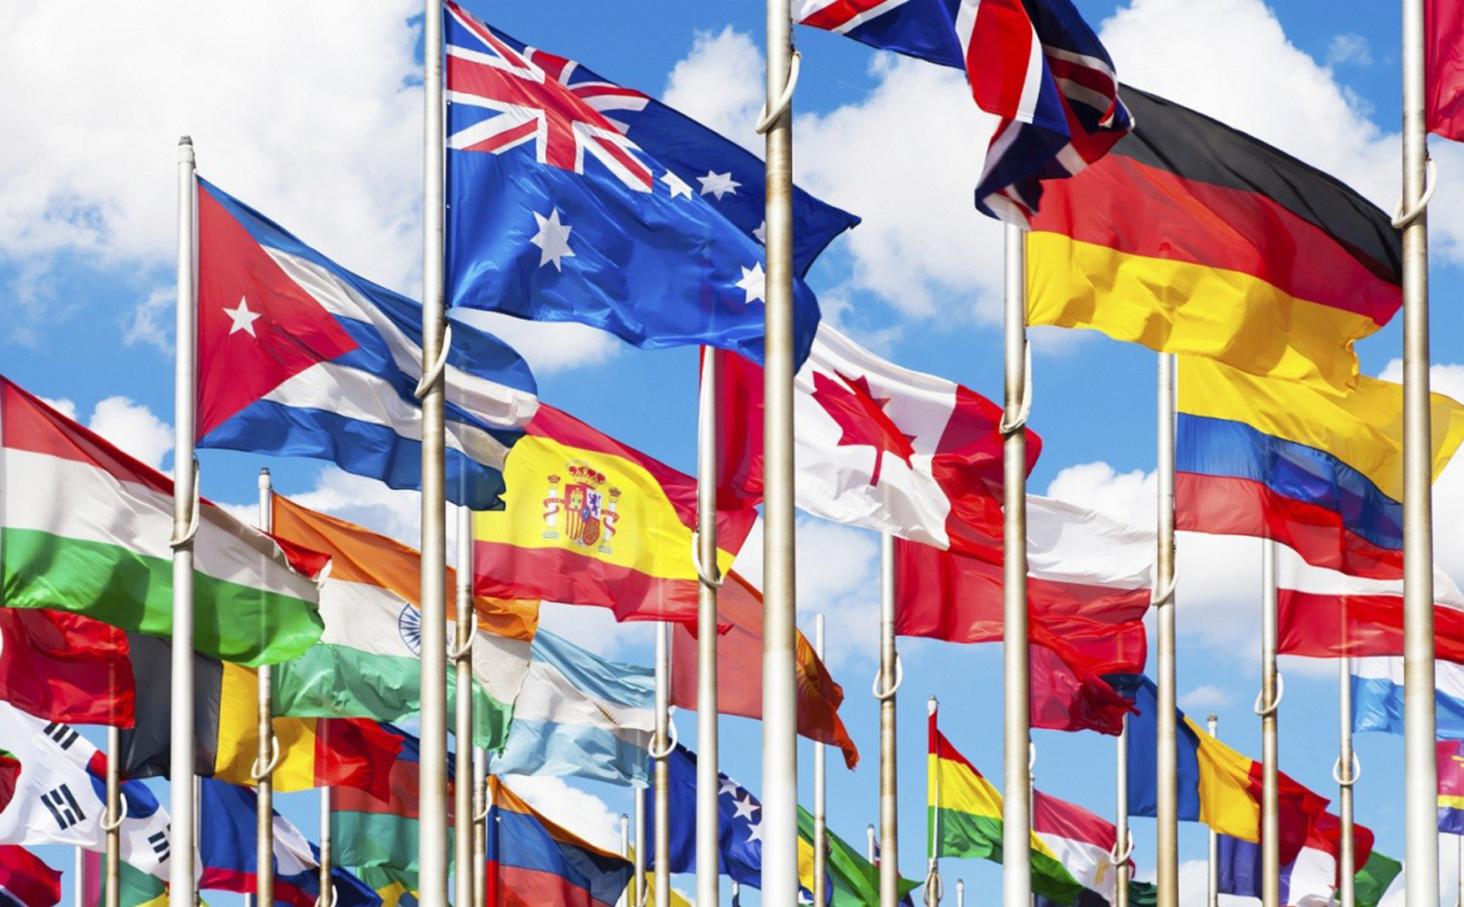 encuesta de opini n sobre pol tica internacional ucsf ucsf